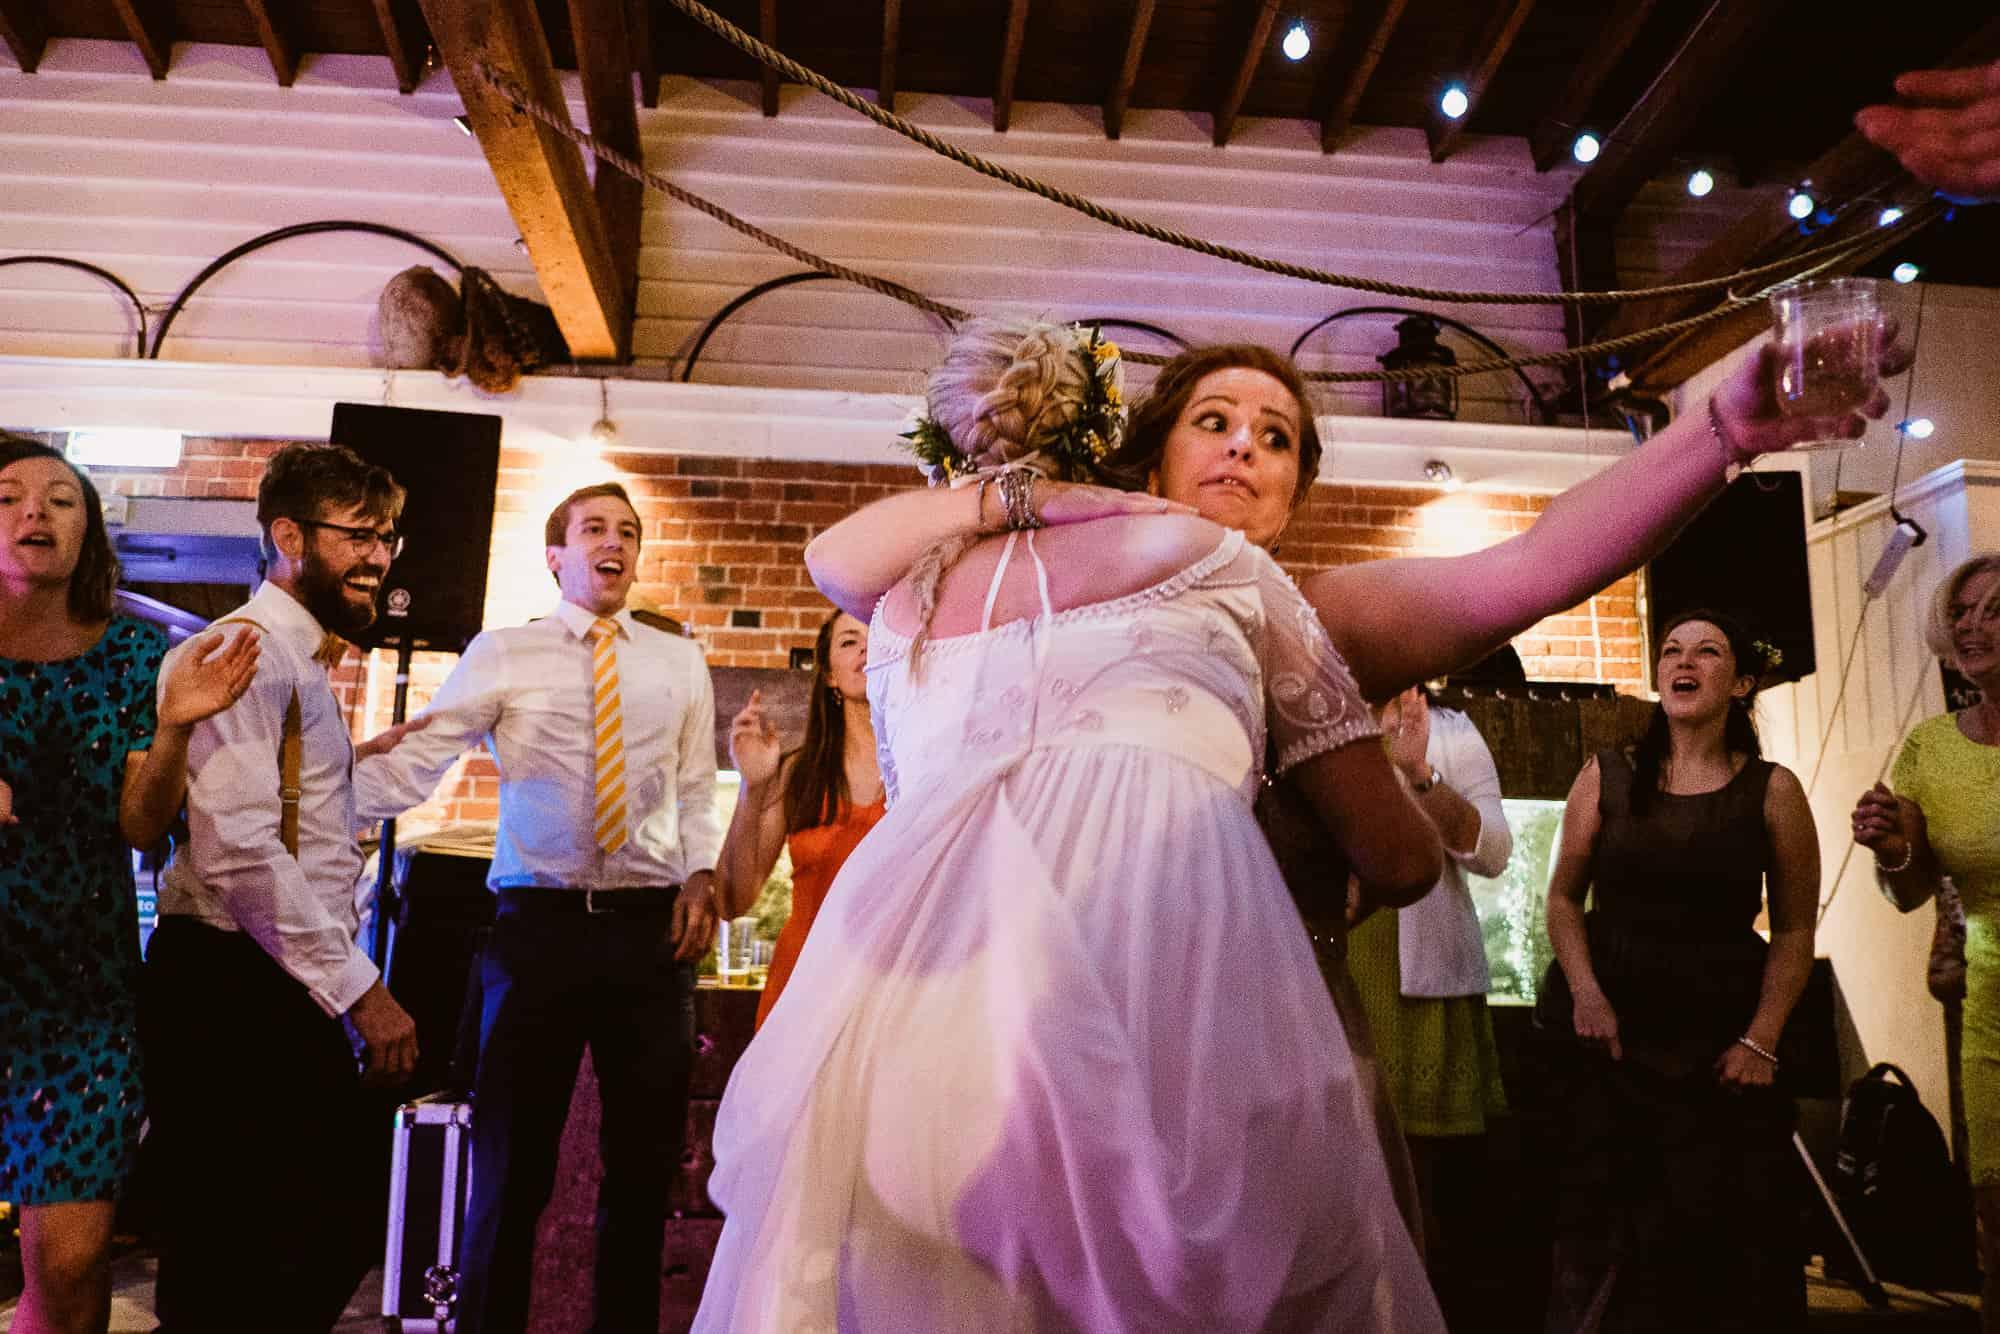 east-quay-wedding-photography-matt-tyler-0094